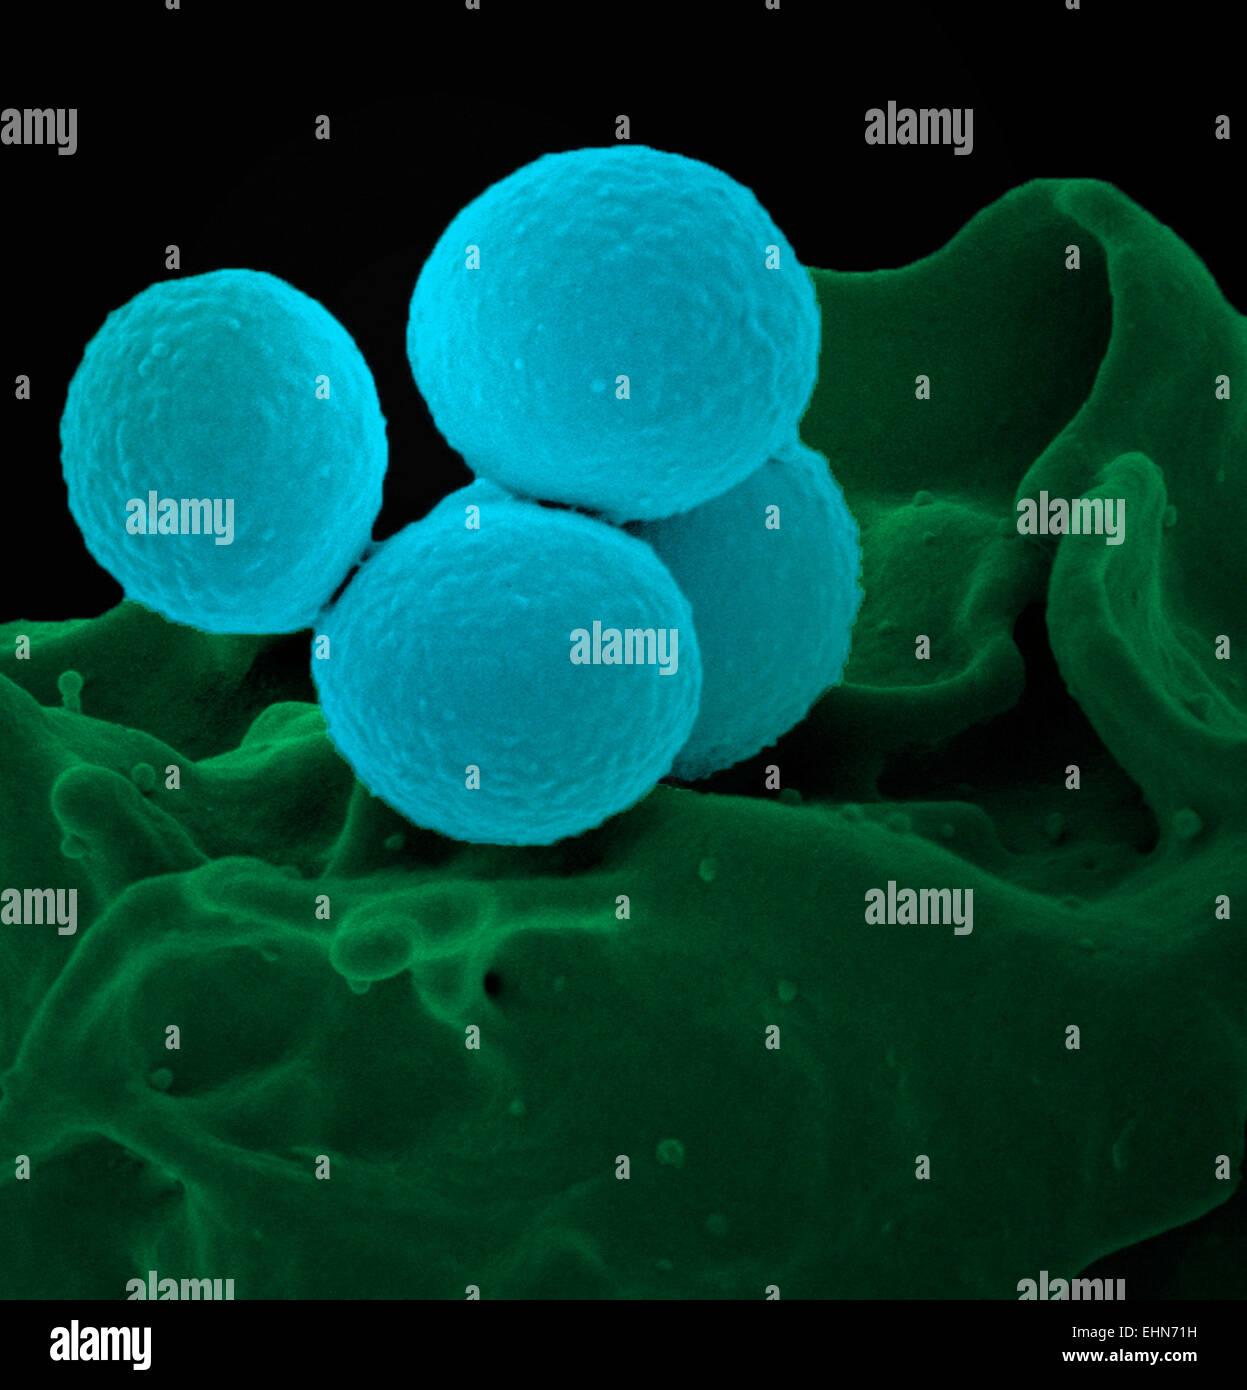 Color análisis micrografía de electrones (SEM) de Staphylococcus aureus meticilino-resistente (SAMR) bacterias. Foto de stock